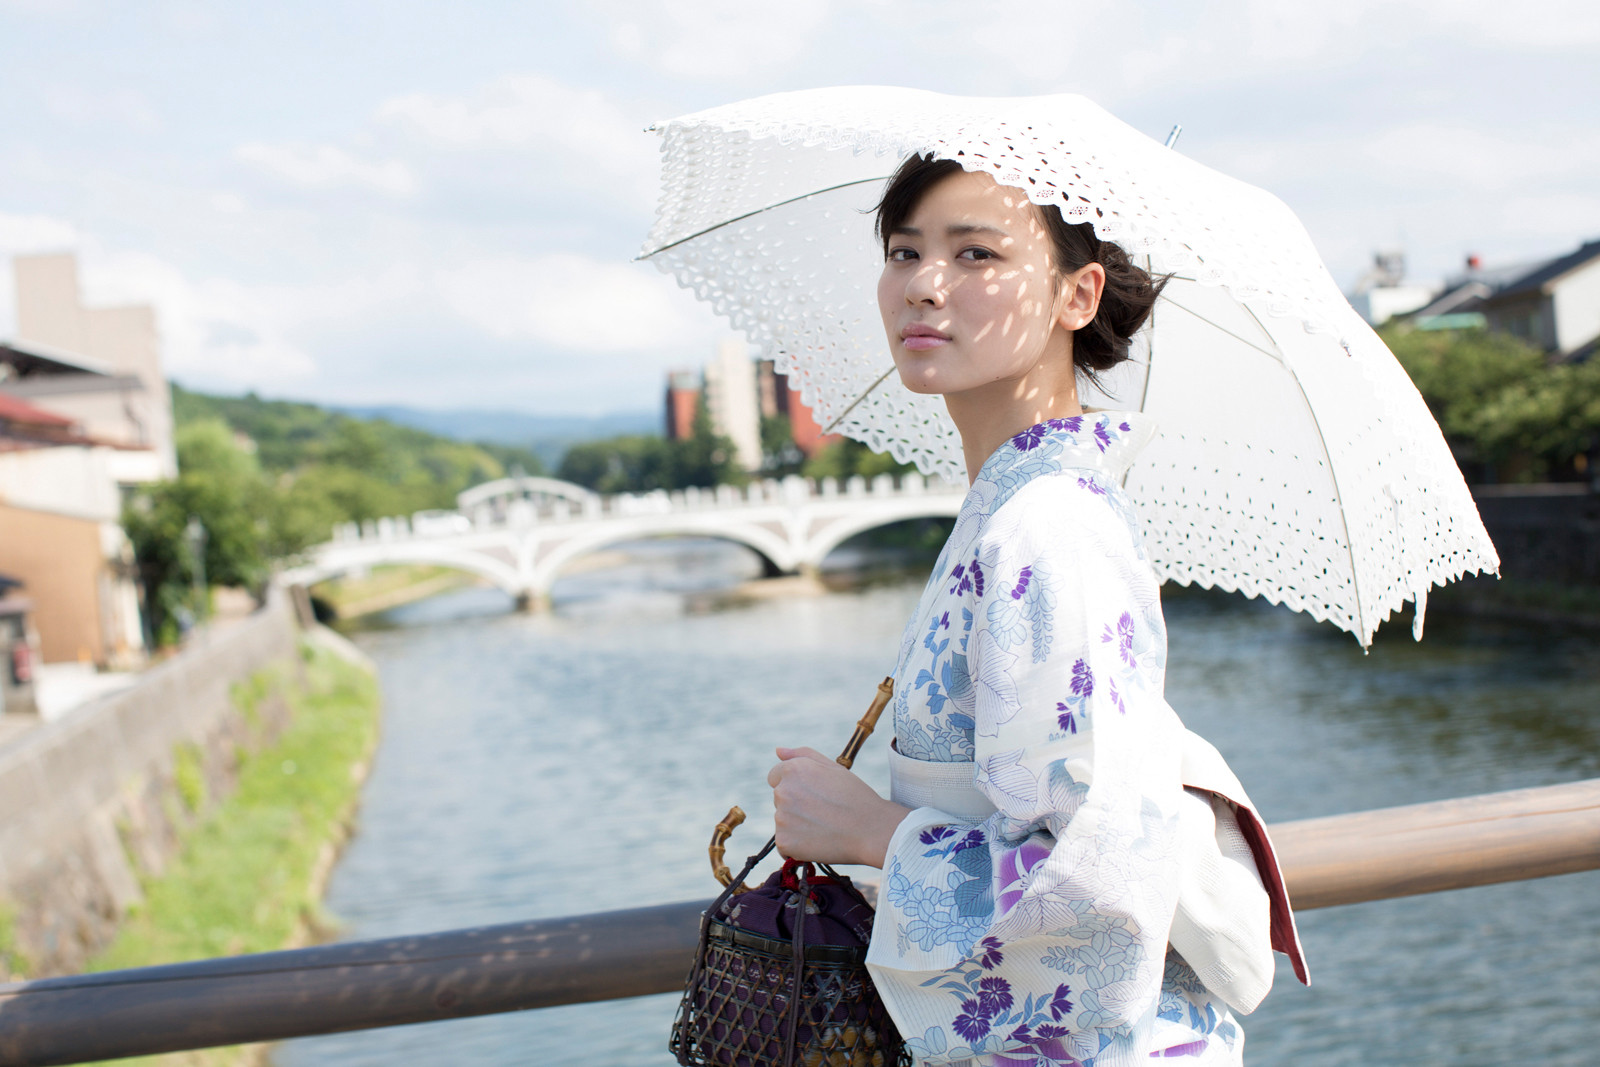 白地に紫のお花の浴衣 白のレースの傘 矢島舞美 橋の上 2 2020 済み